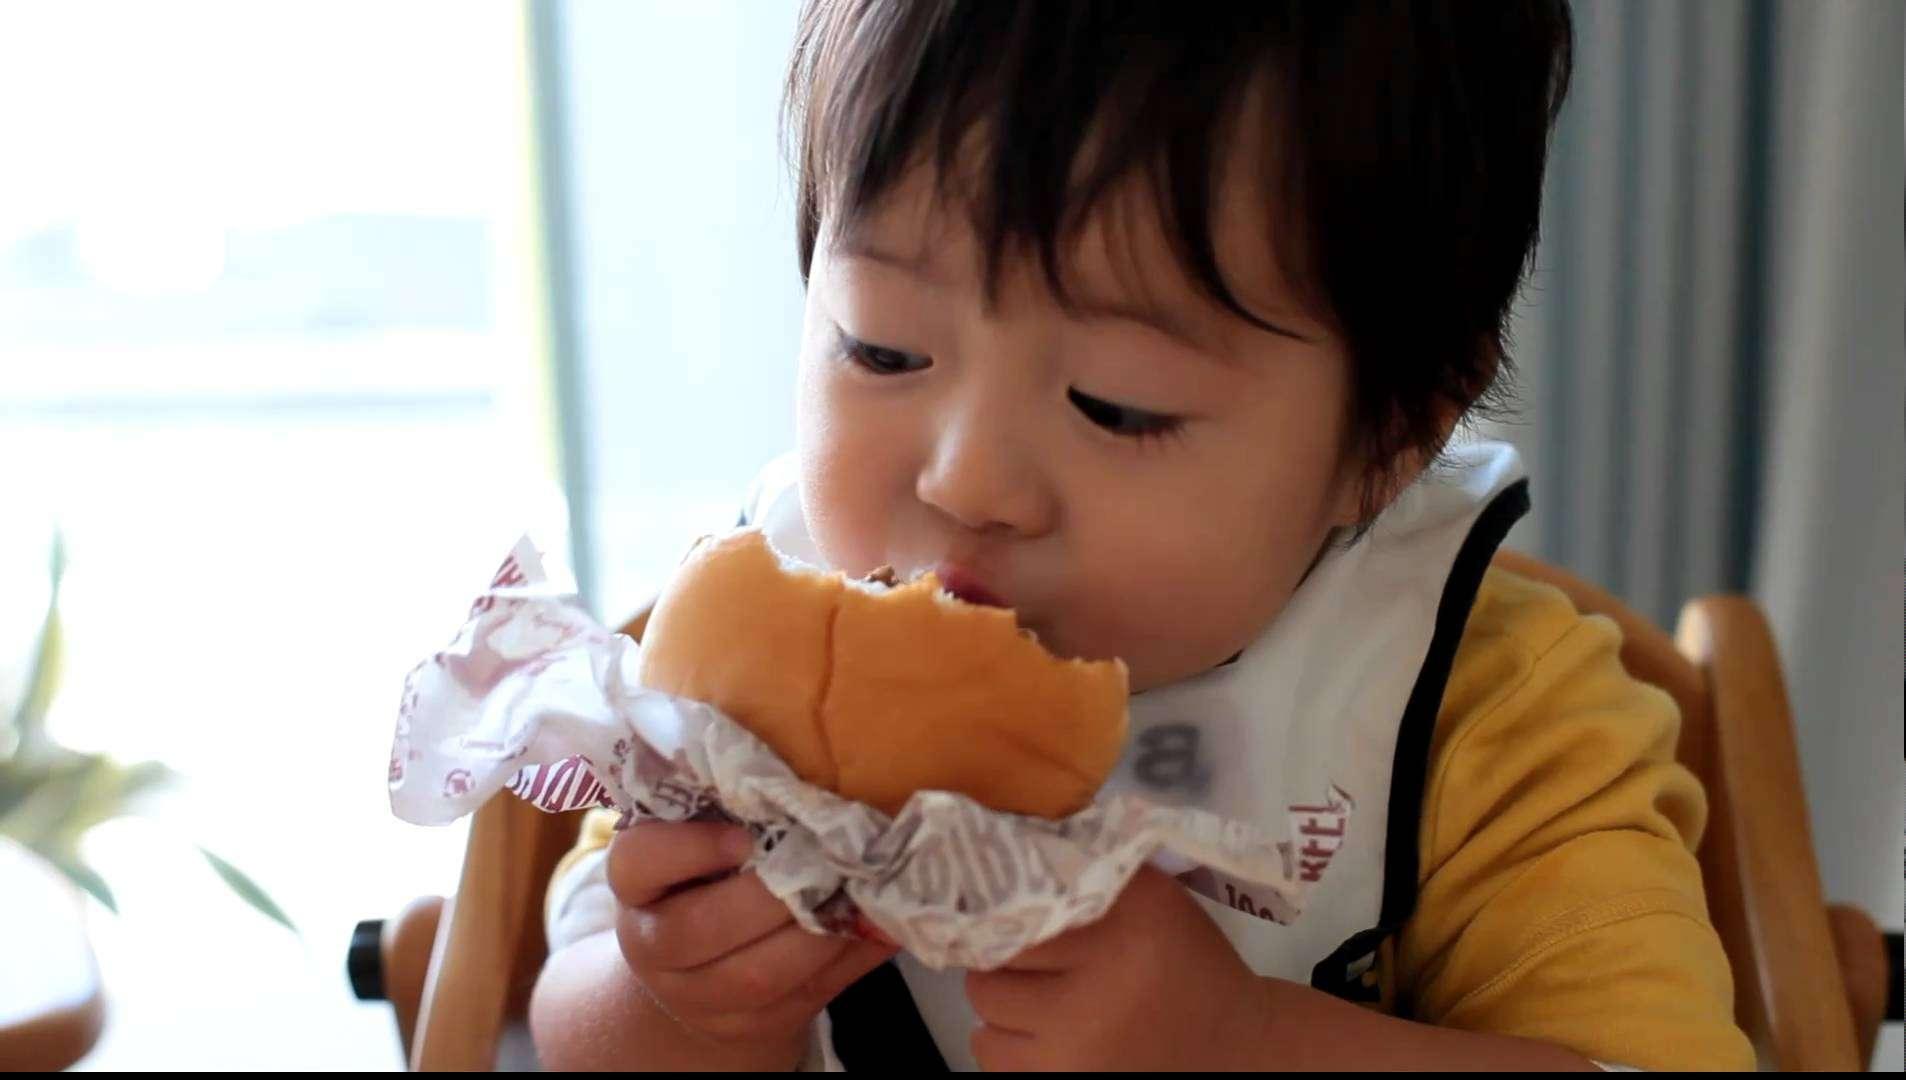 世界一ハンバーガーをおいしそうに食べる1歳児 - YouTube